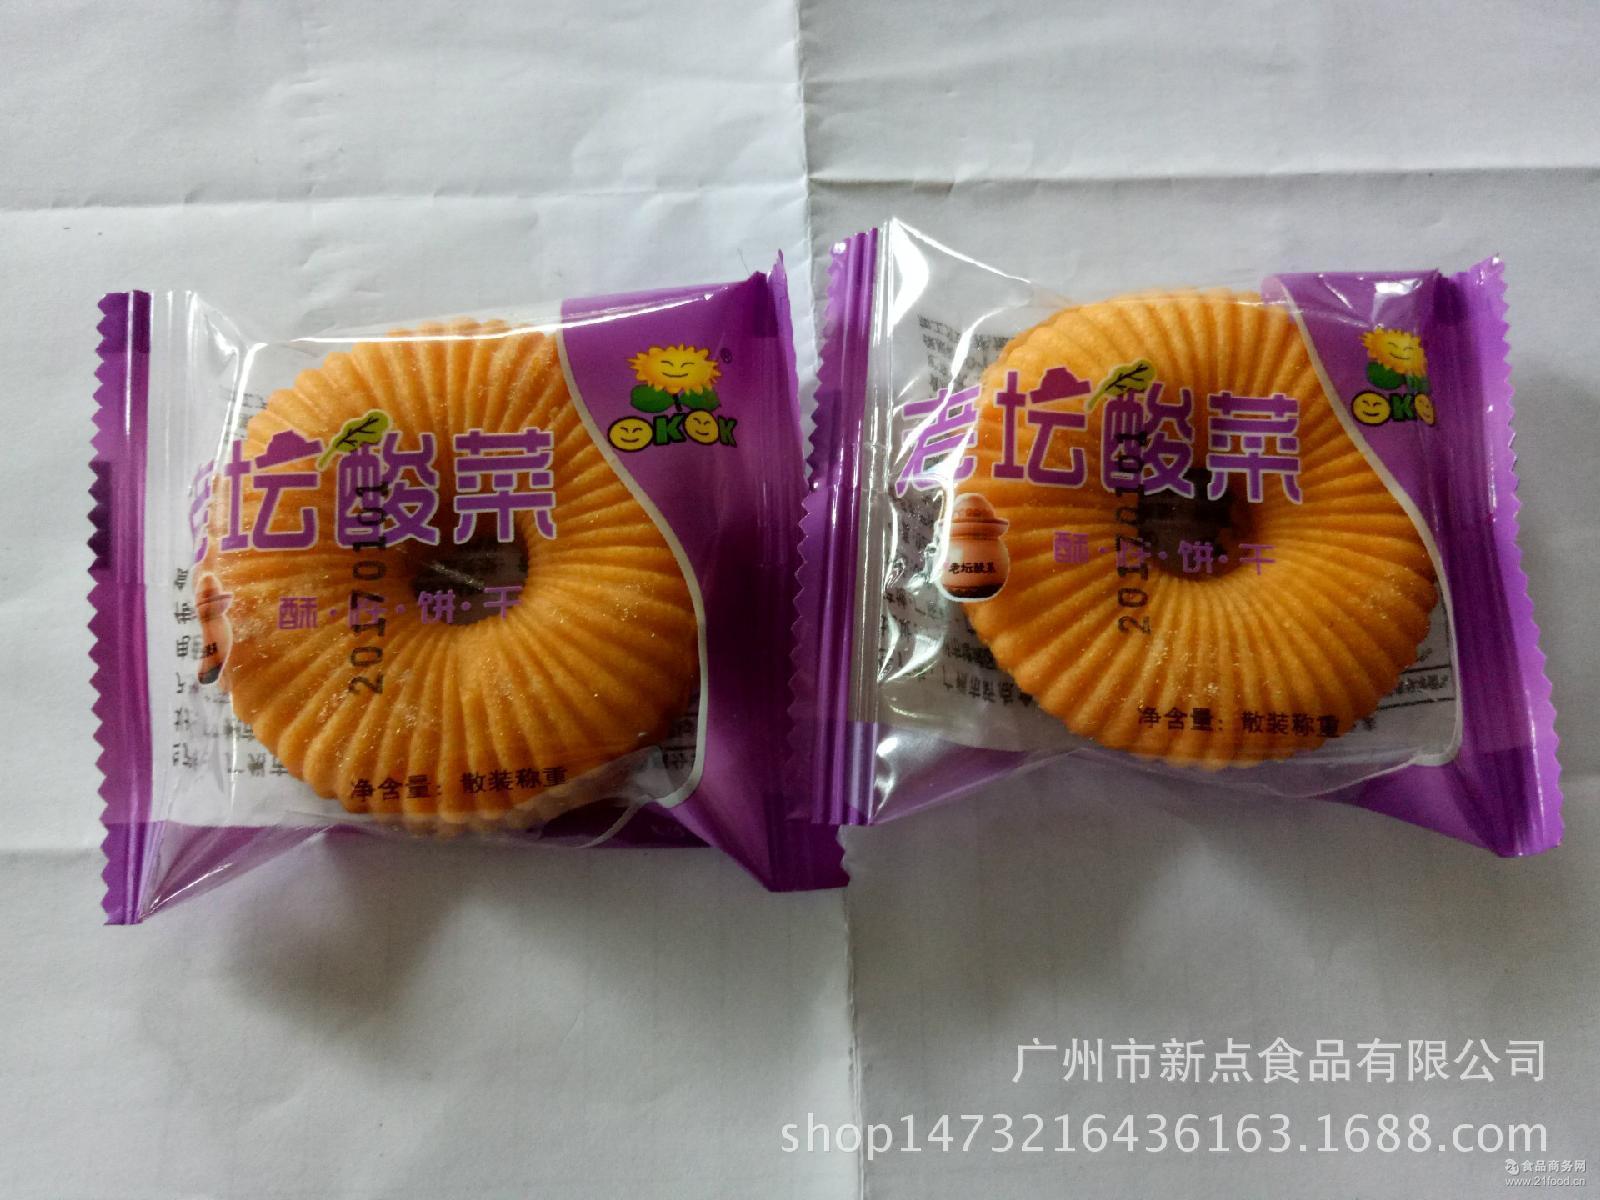 猴菇 老坛酸菜 吧吧脆 蛋黄煎饼 厂家直销4.75kg饼干酥性饼干